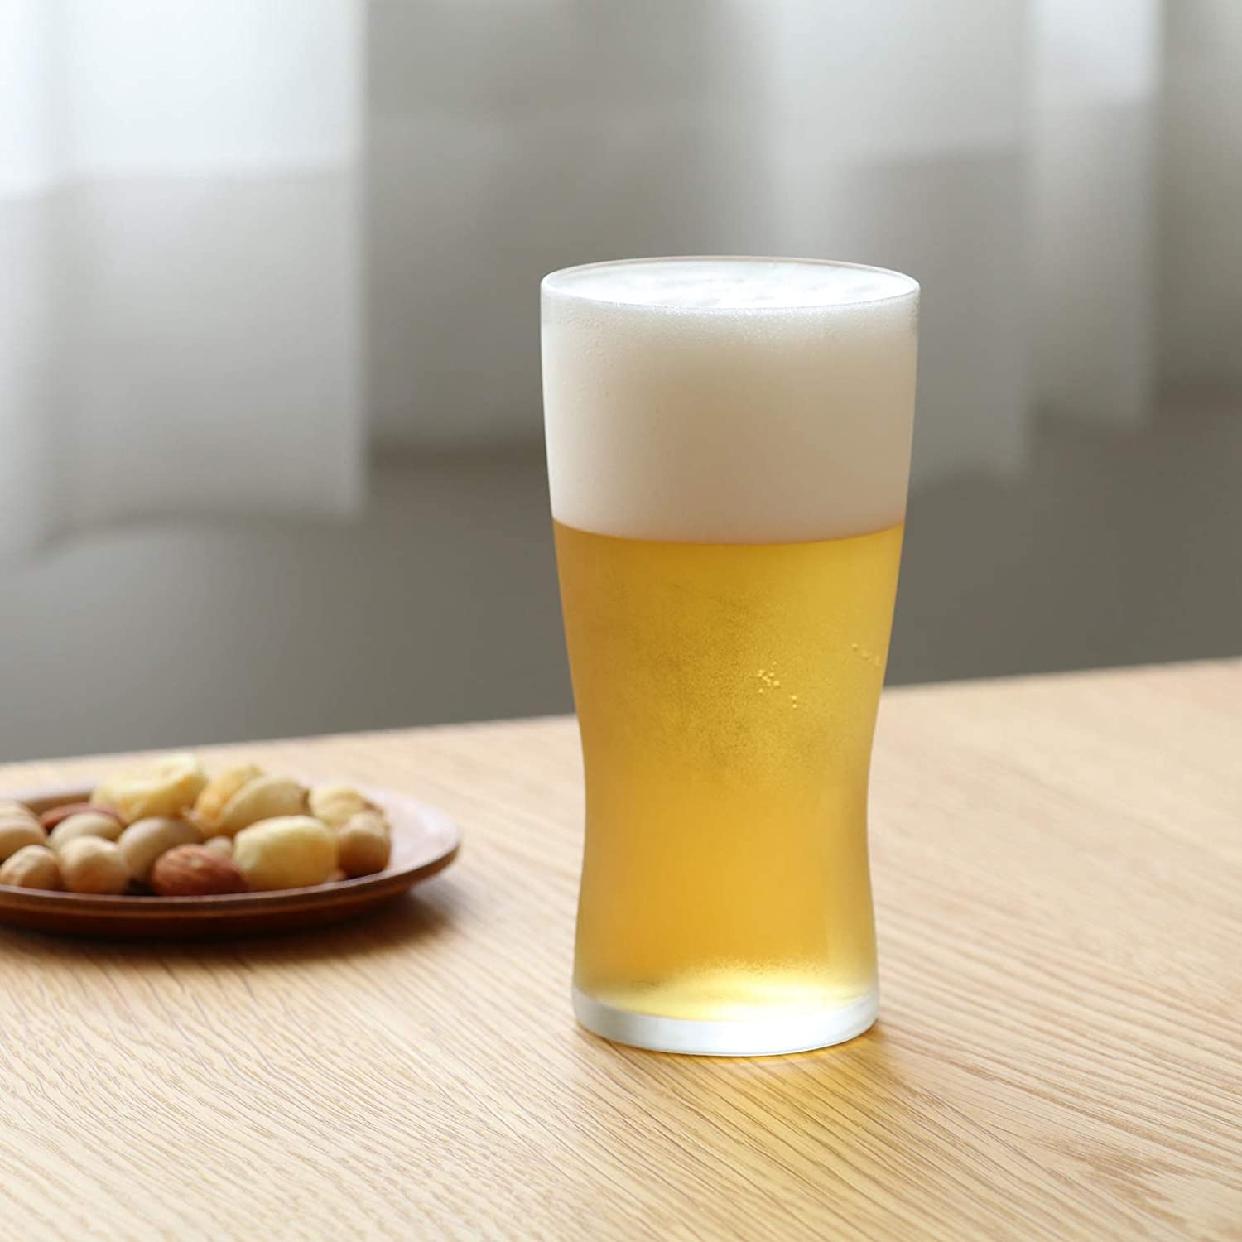 ADERIA(アデリア) 薄吹き ビアグラスの商品画像7